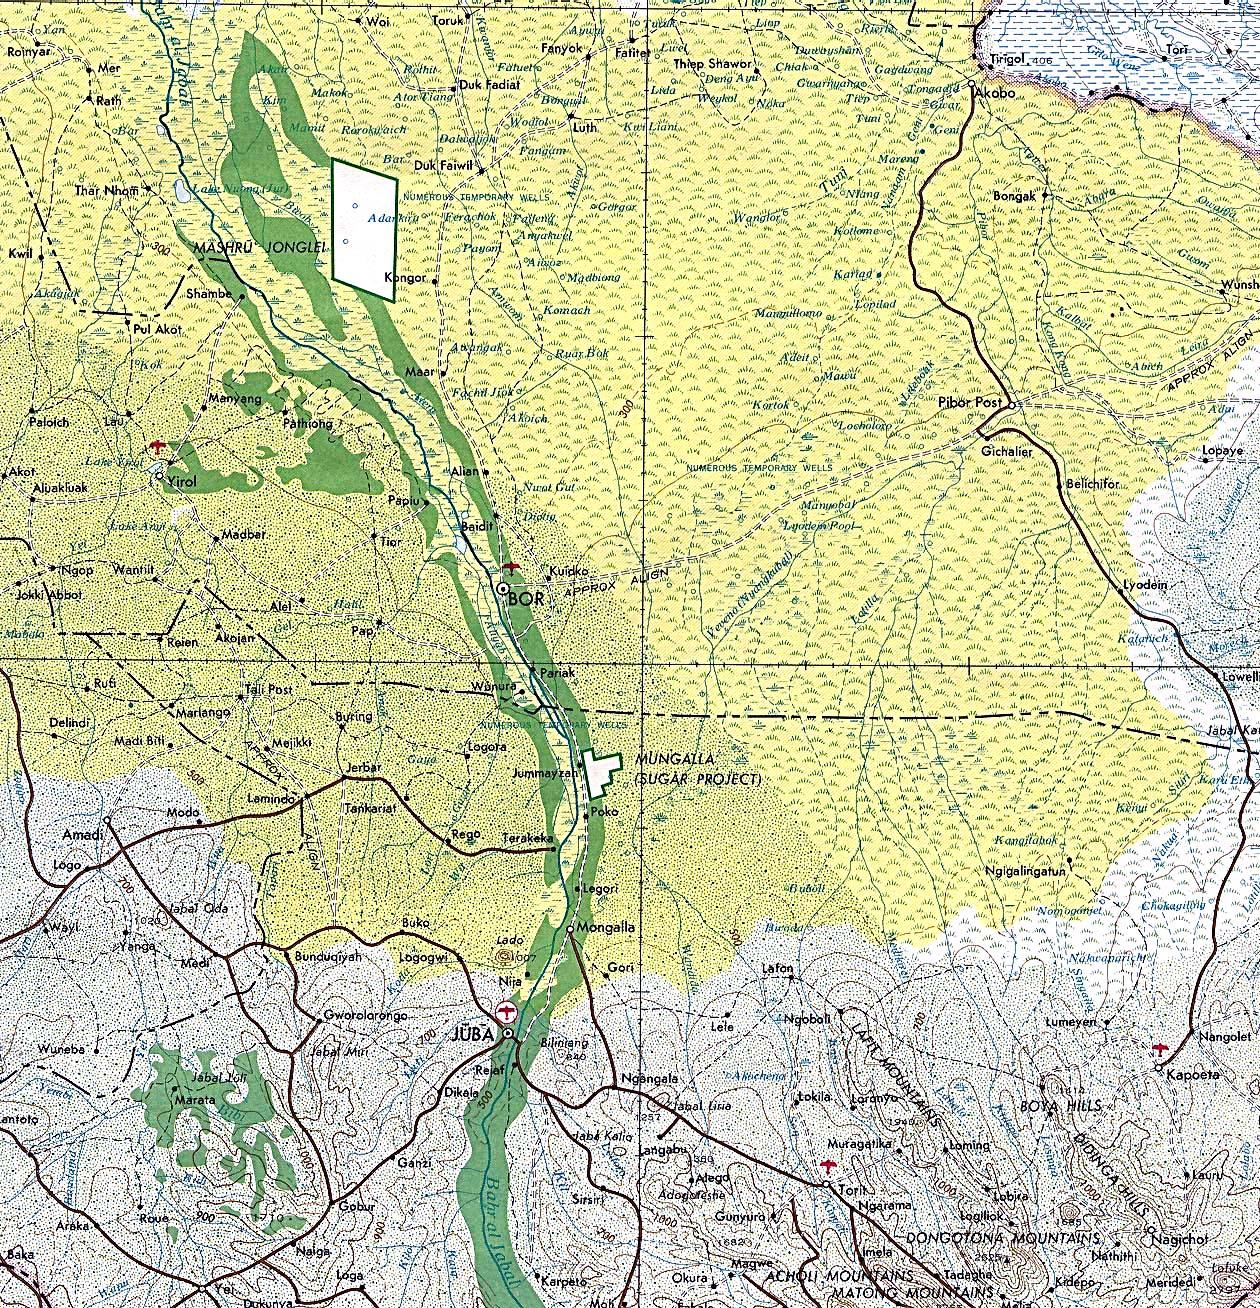 Mapa Topográfico de la Región de Juba, Sudán